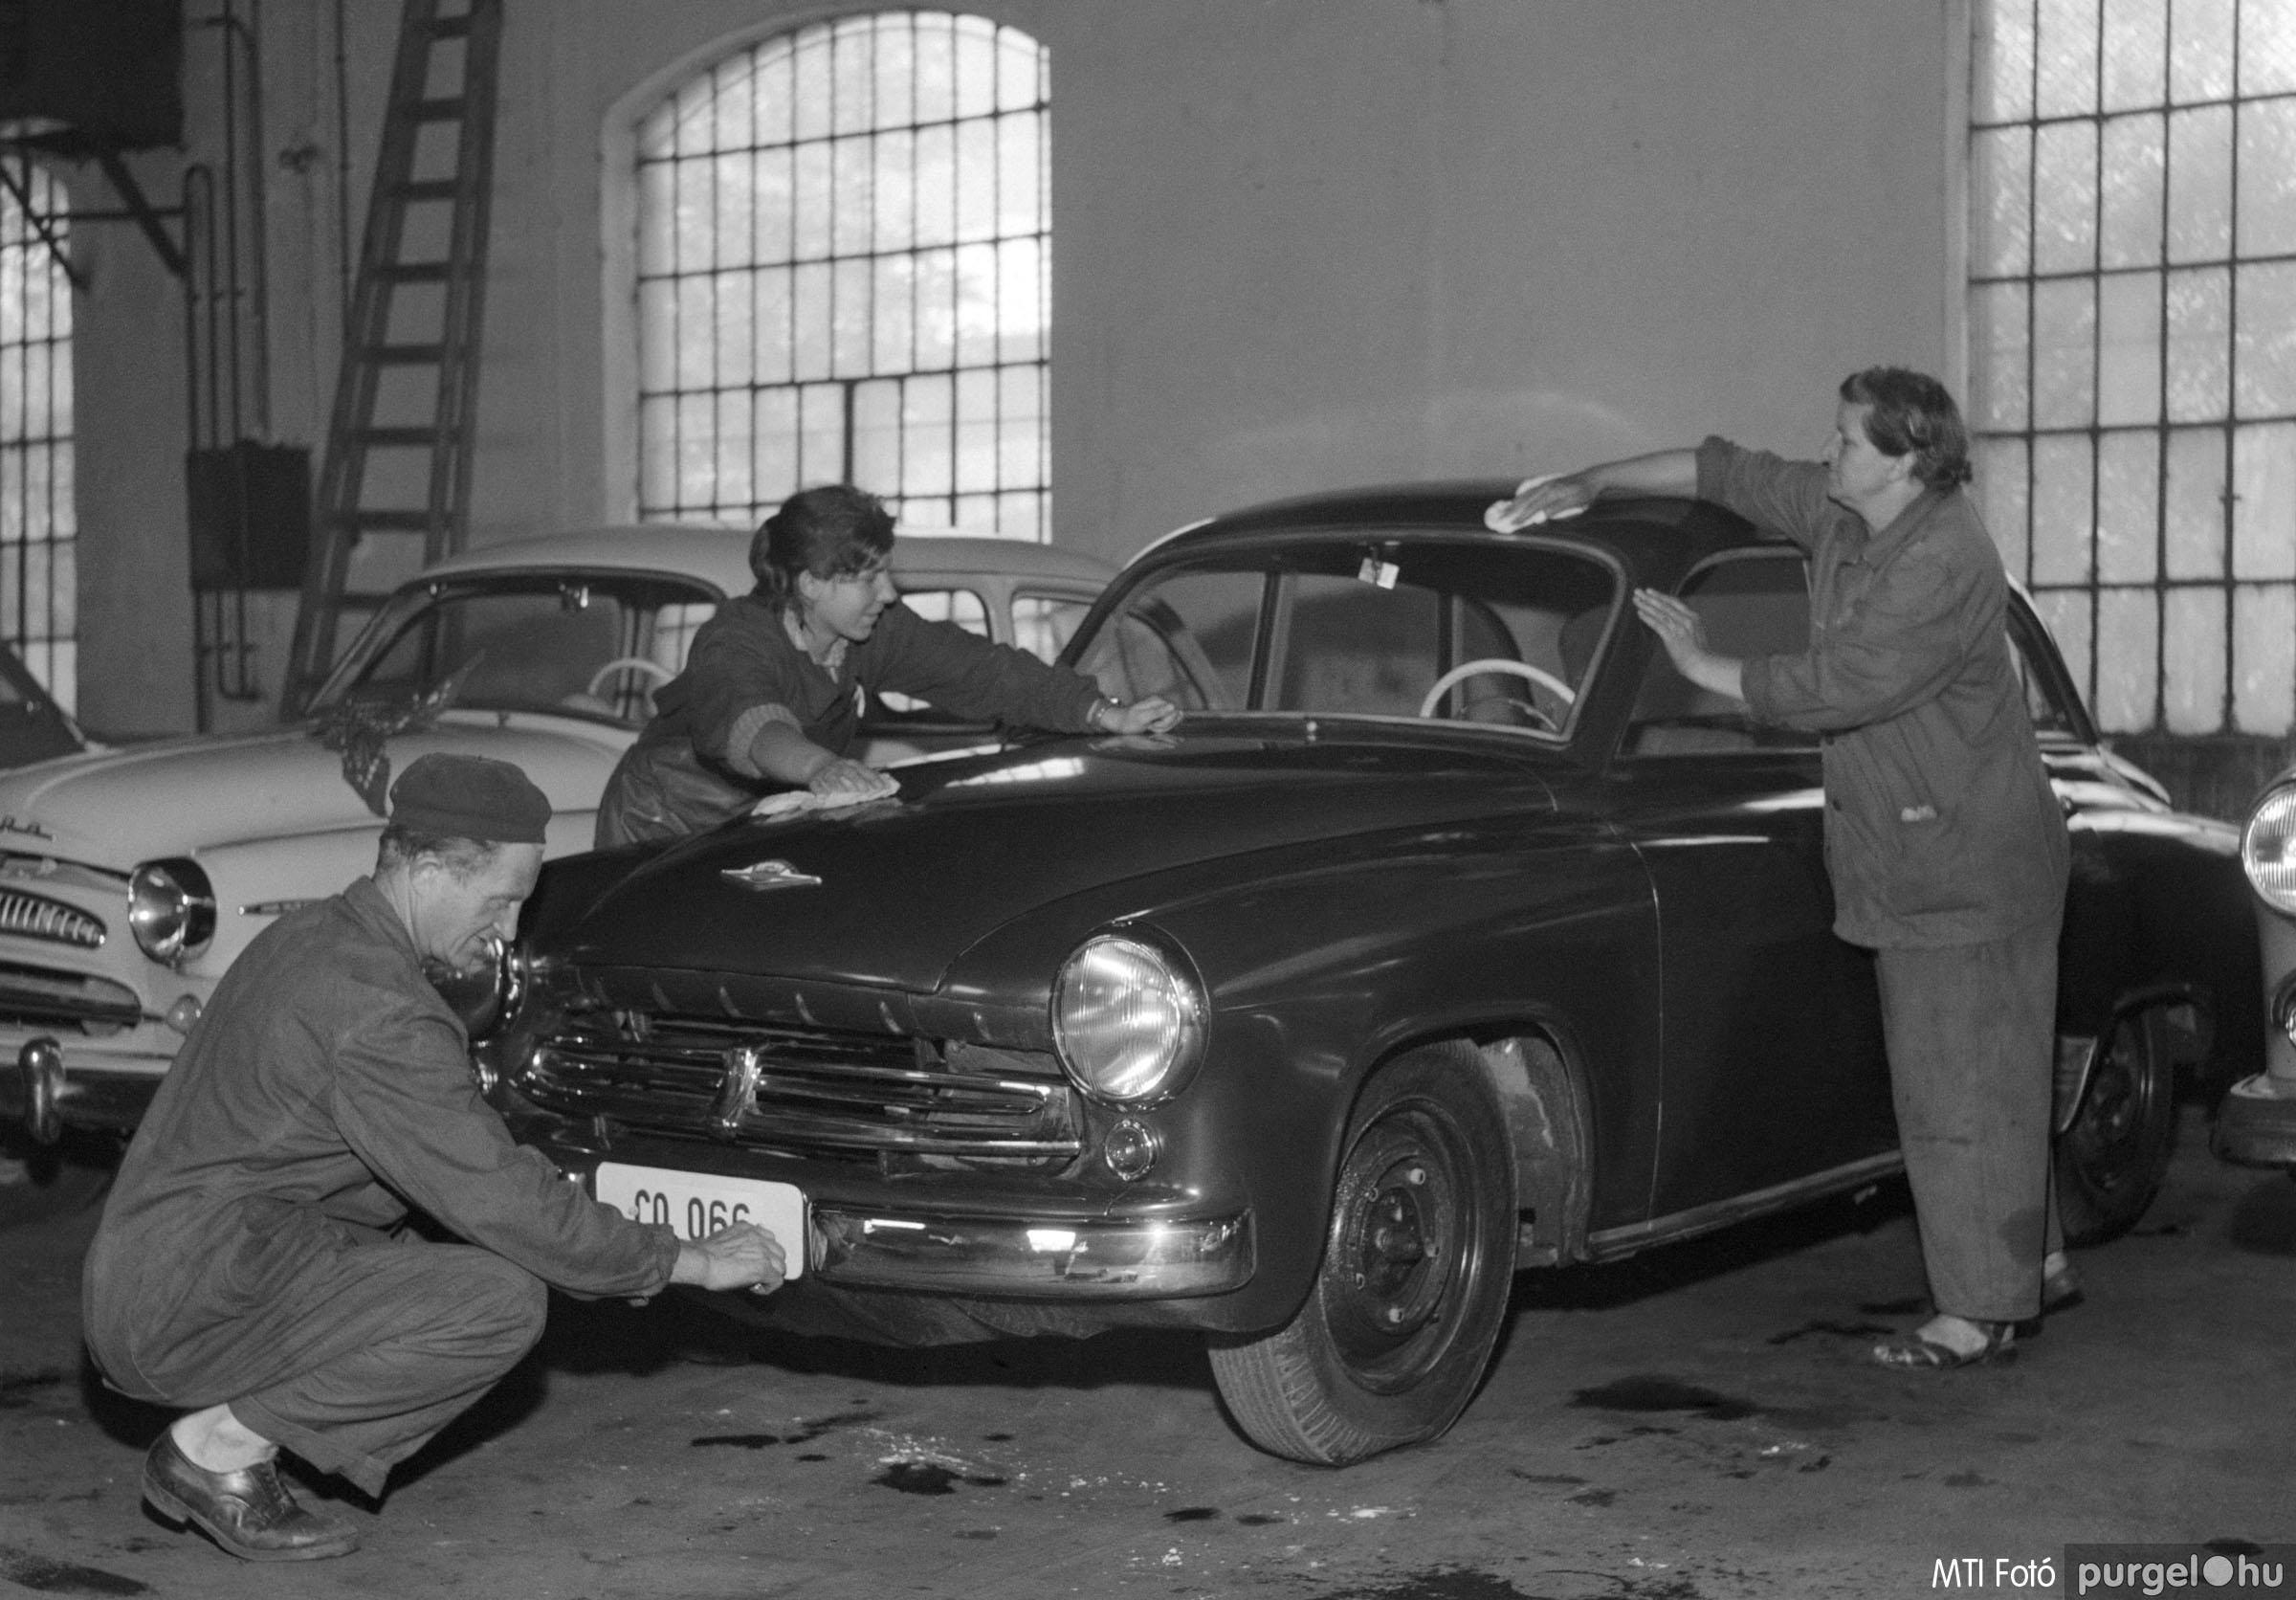 Lottó nyeremény autó átadása. Budapest, 1957. július 26.